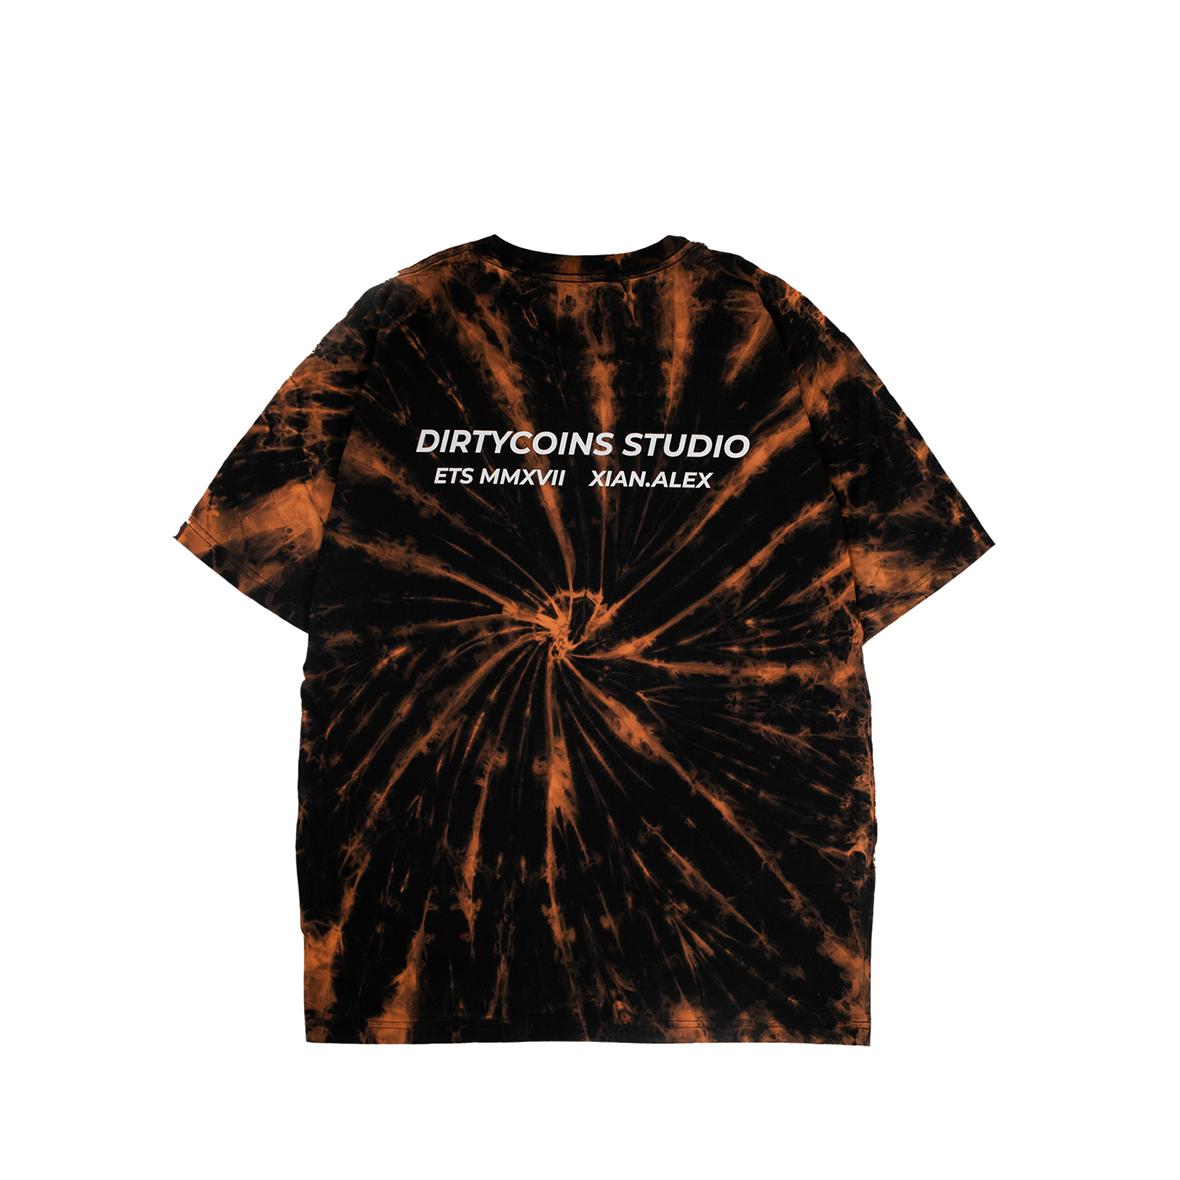 Bleach Your Brain Out T-Shirt